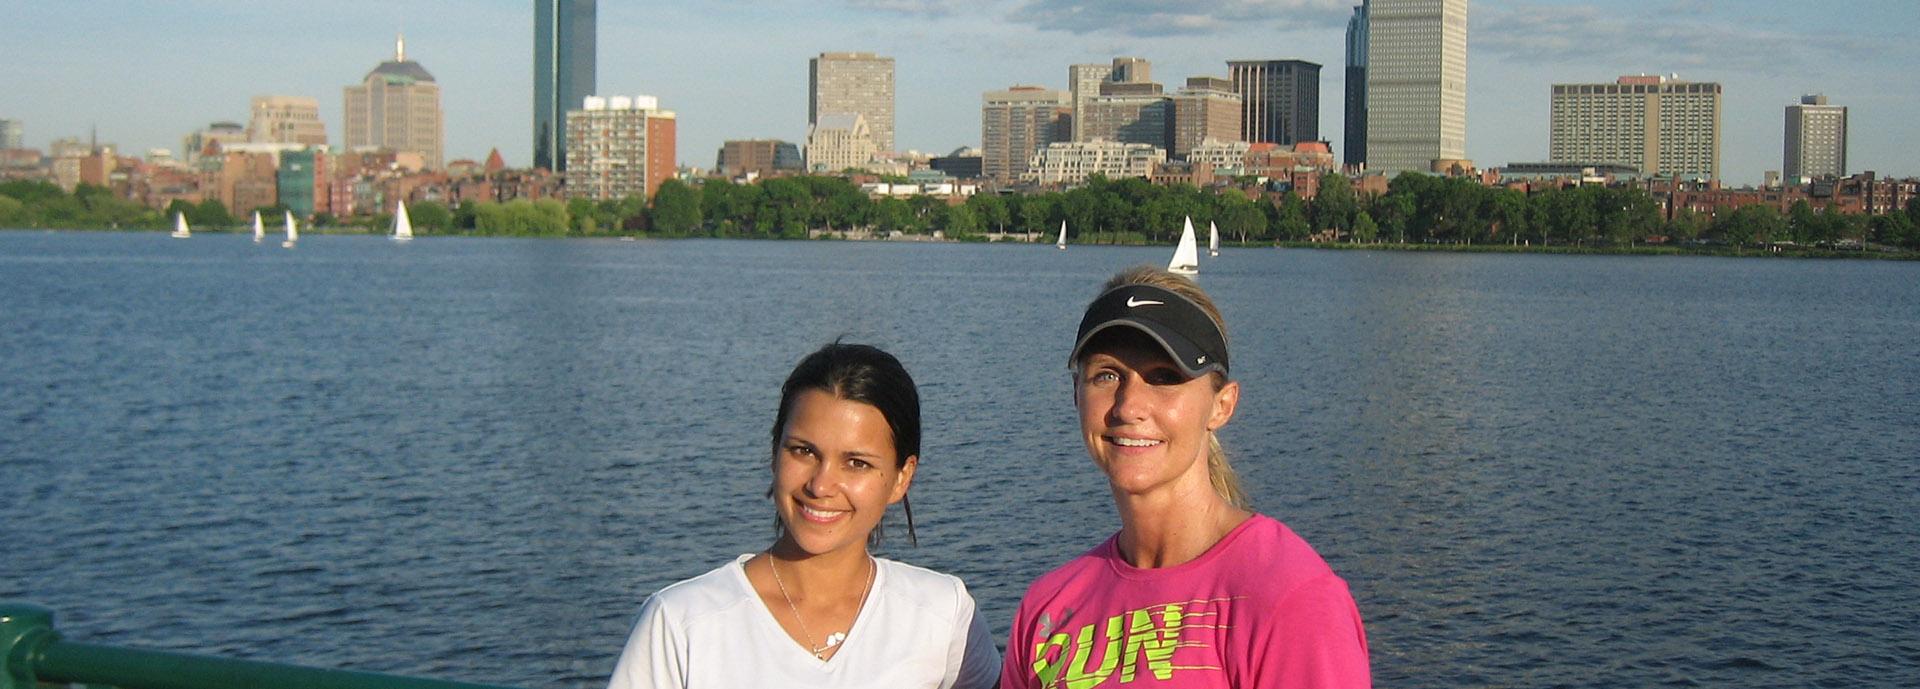 RunBoston: Boston Running Tours